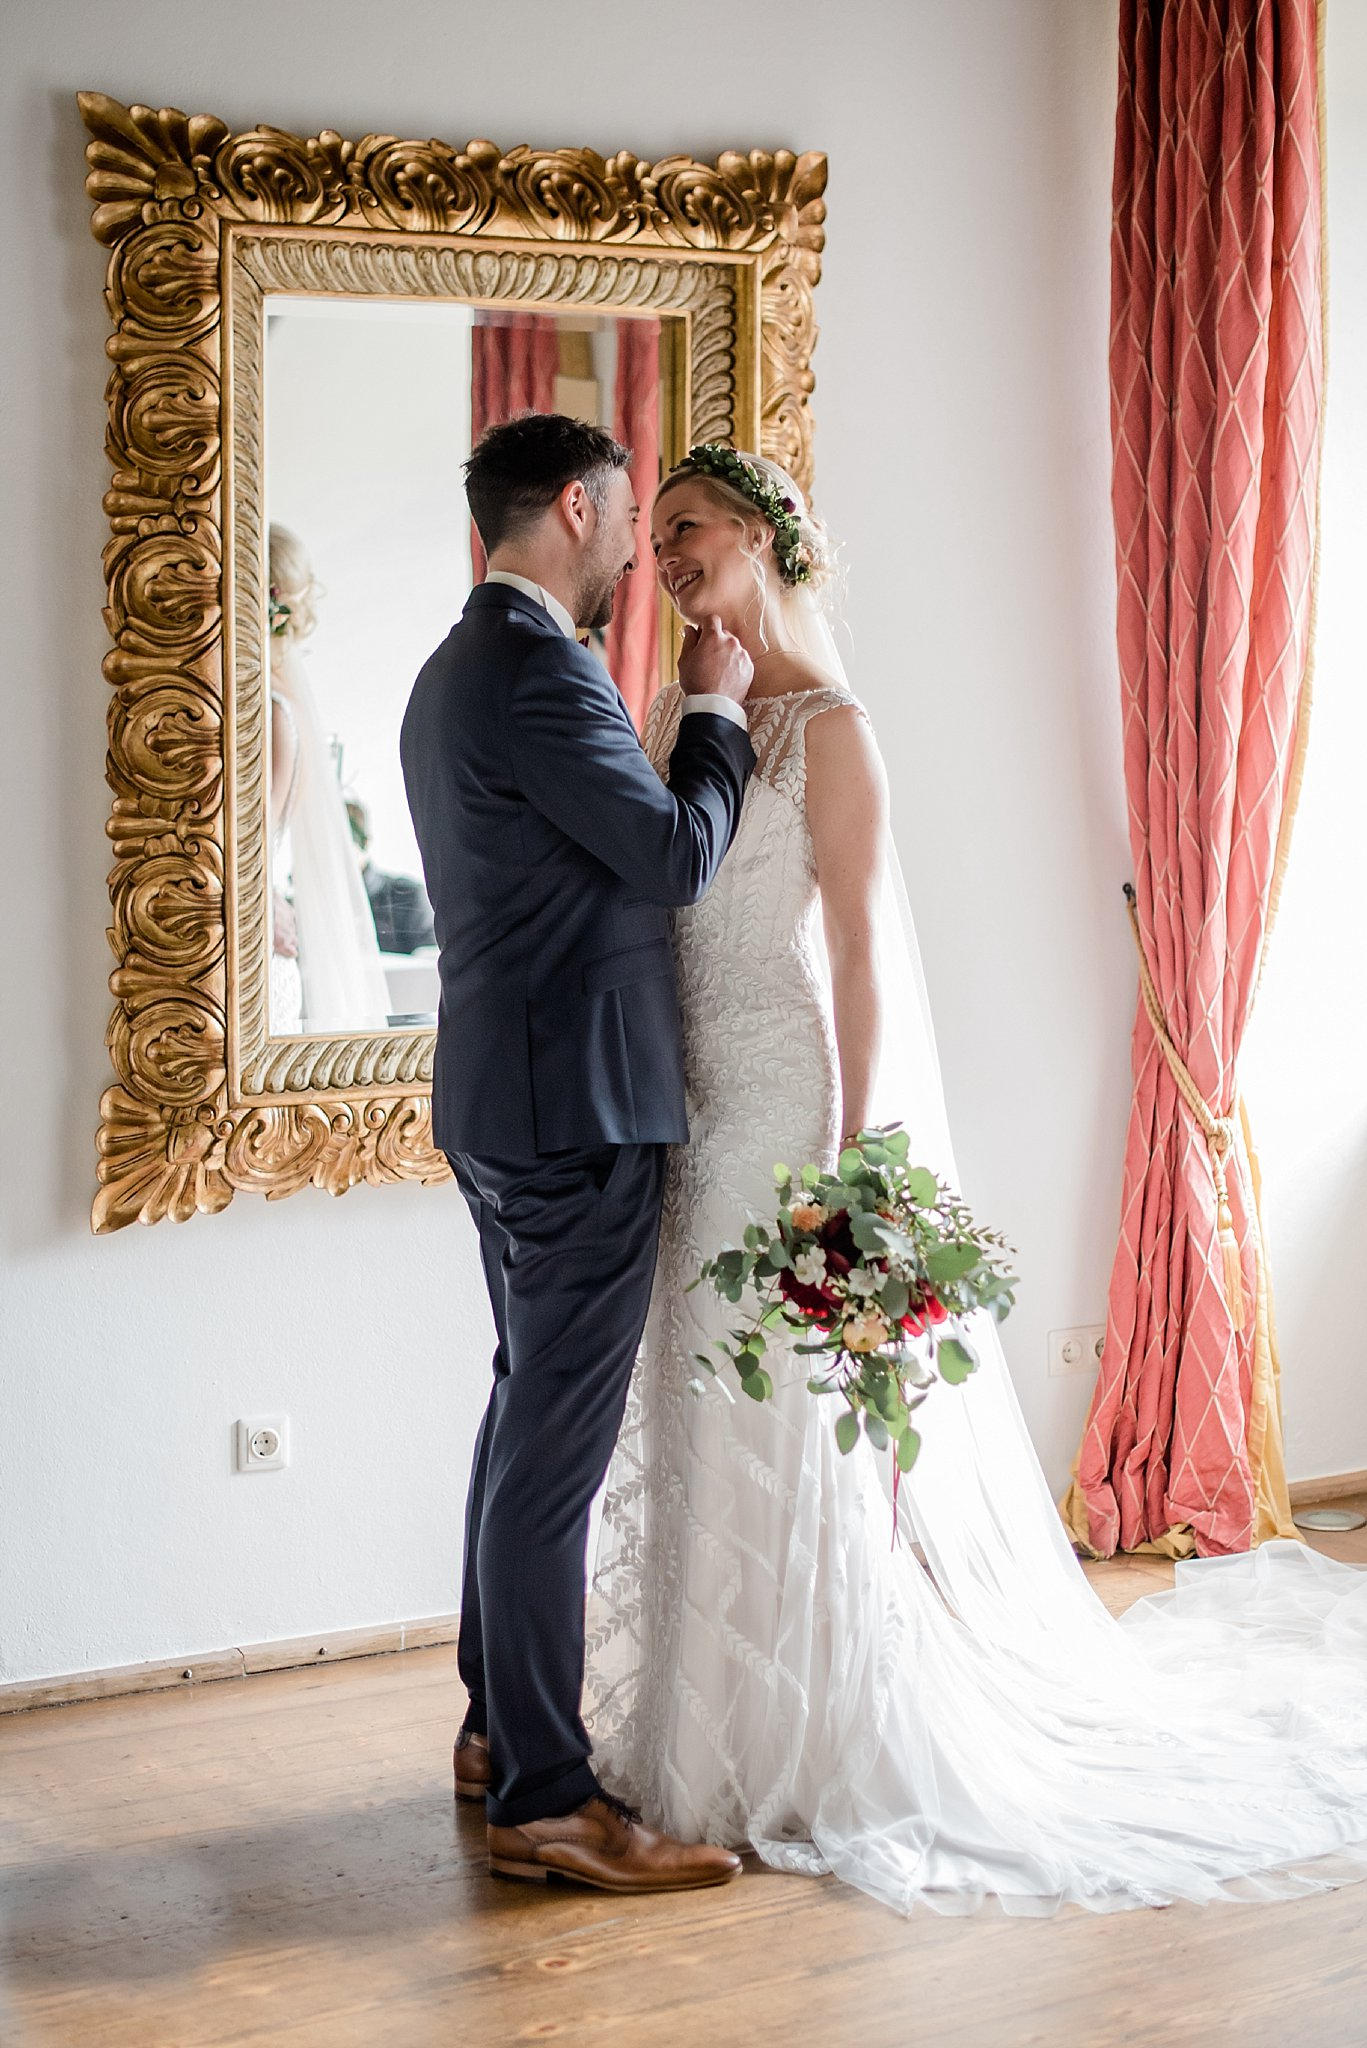 Hochzeit-von-Marina-Dominik-auf-Burg-Wernberg-und-Schloss-Friedrichsburg-00109